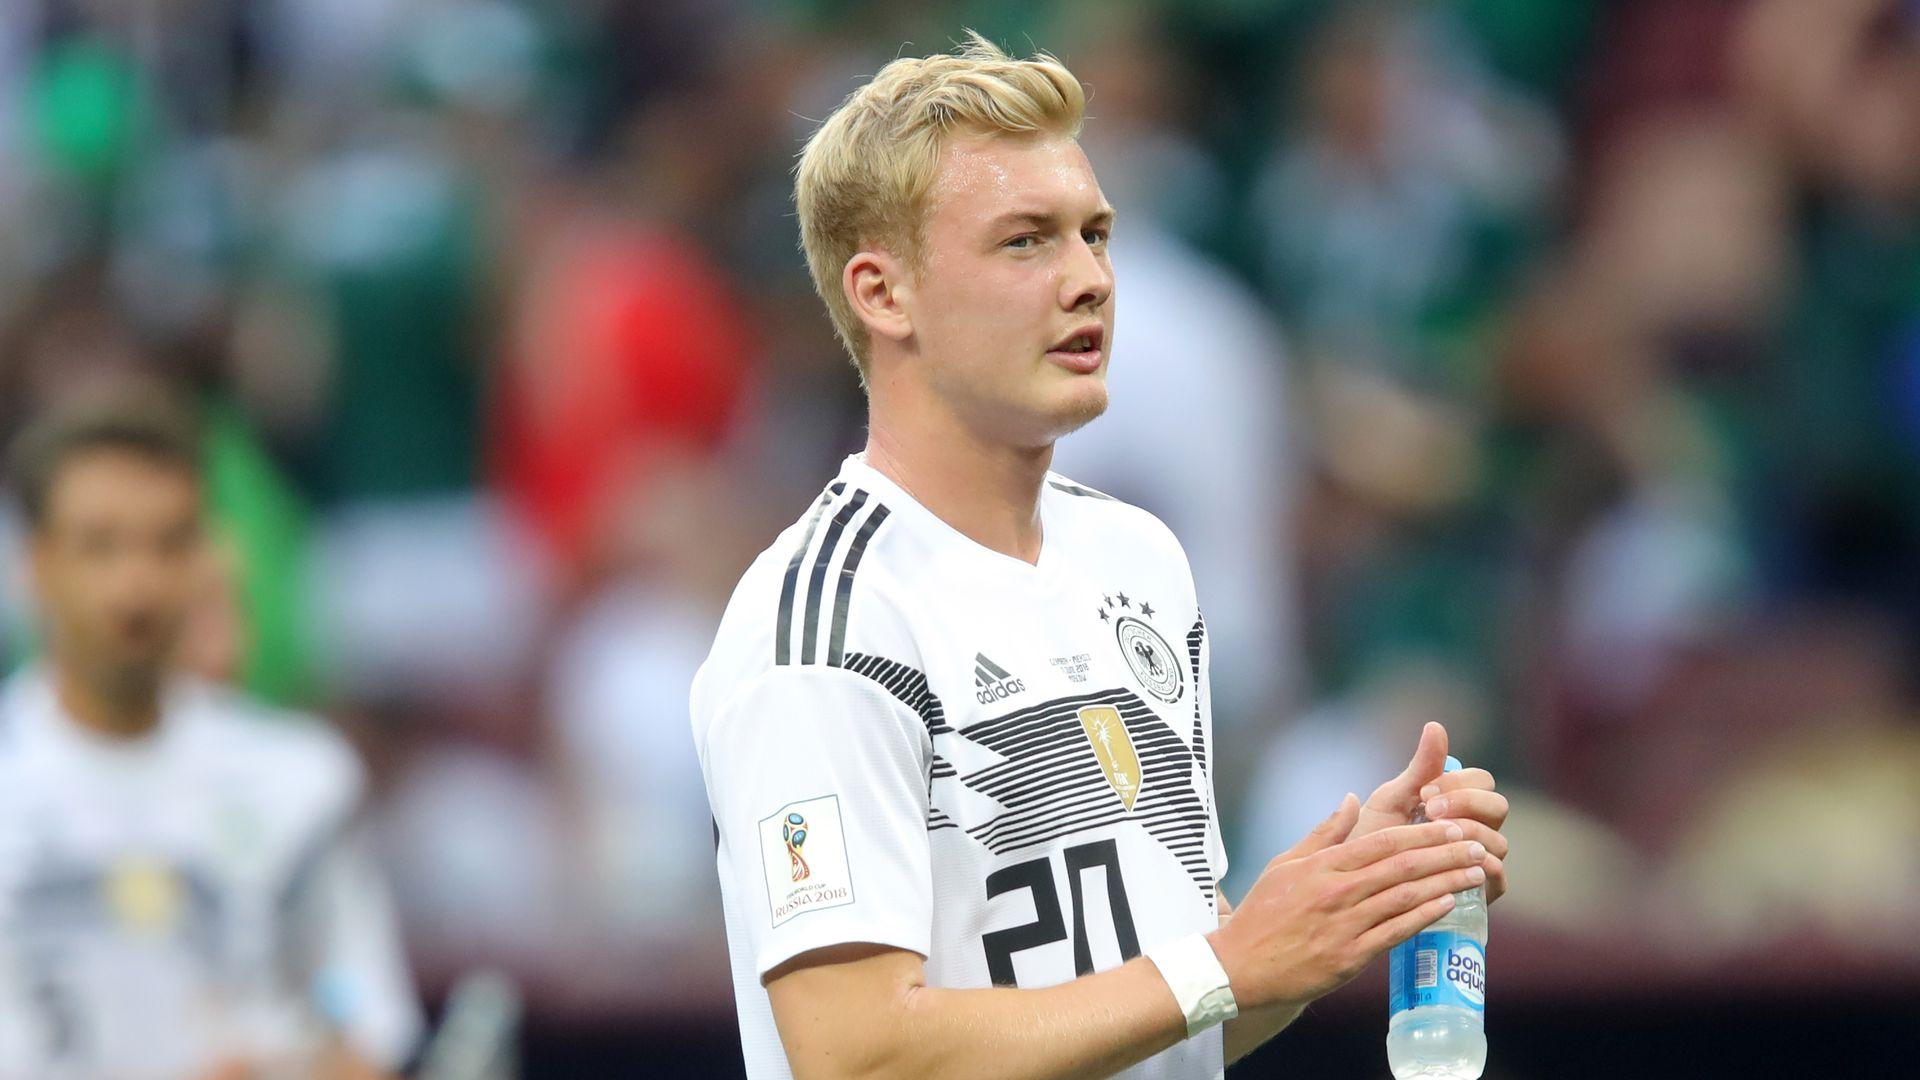 Trotz-Kritik-WM-Zuschauer-feiern-Julian-Brandts-Fan-Selfie-